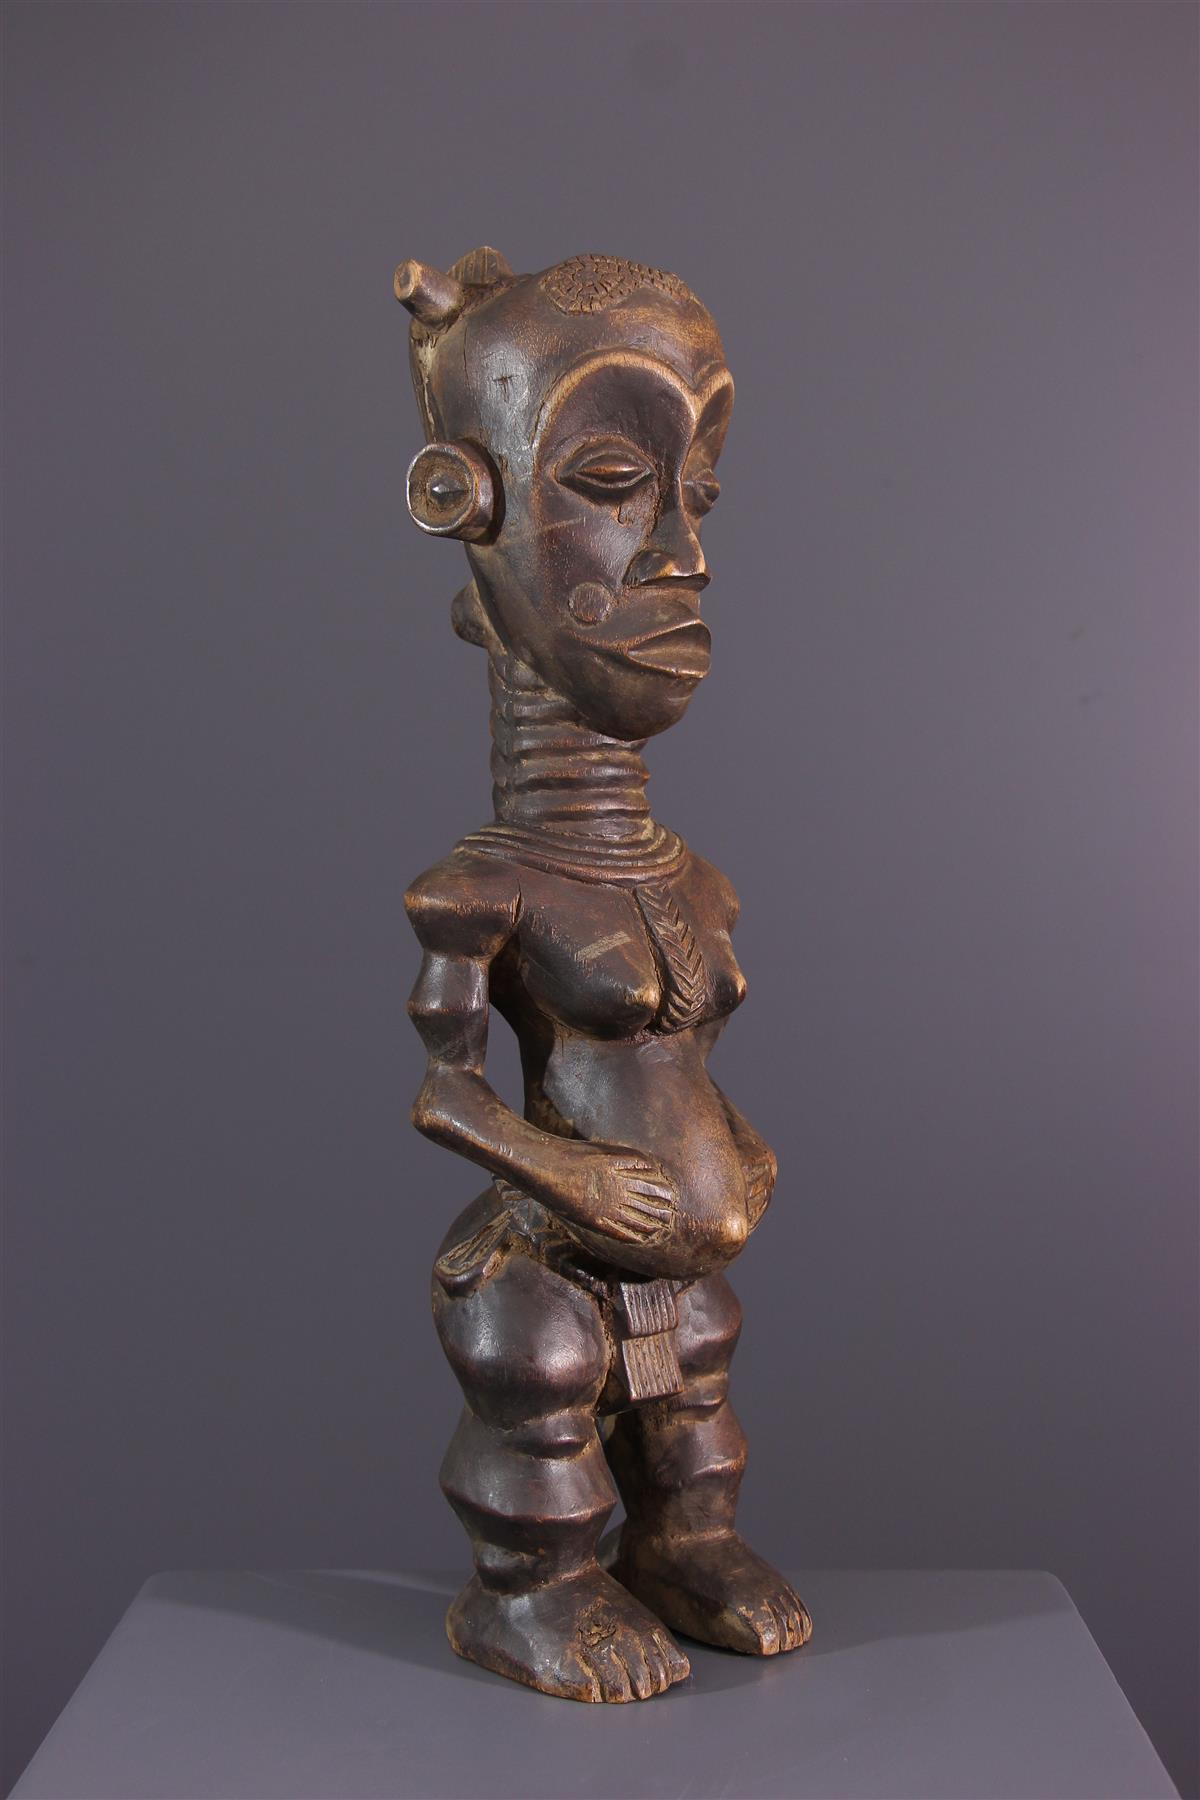 Statuette Luluwa - African art